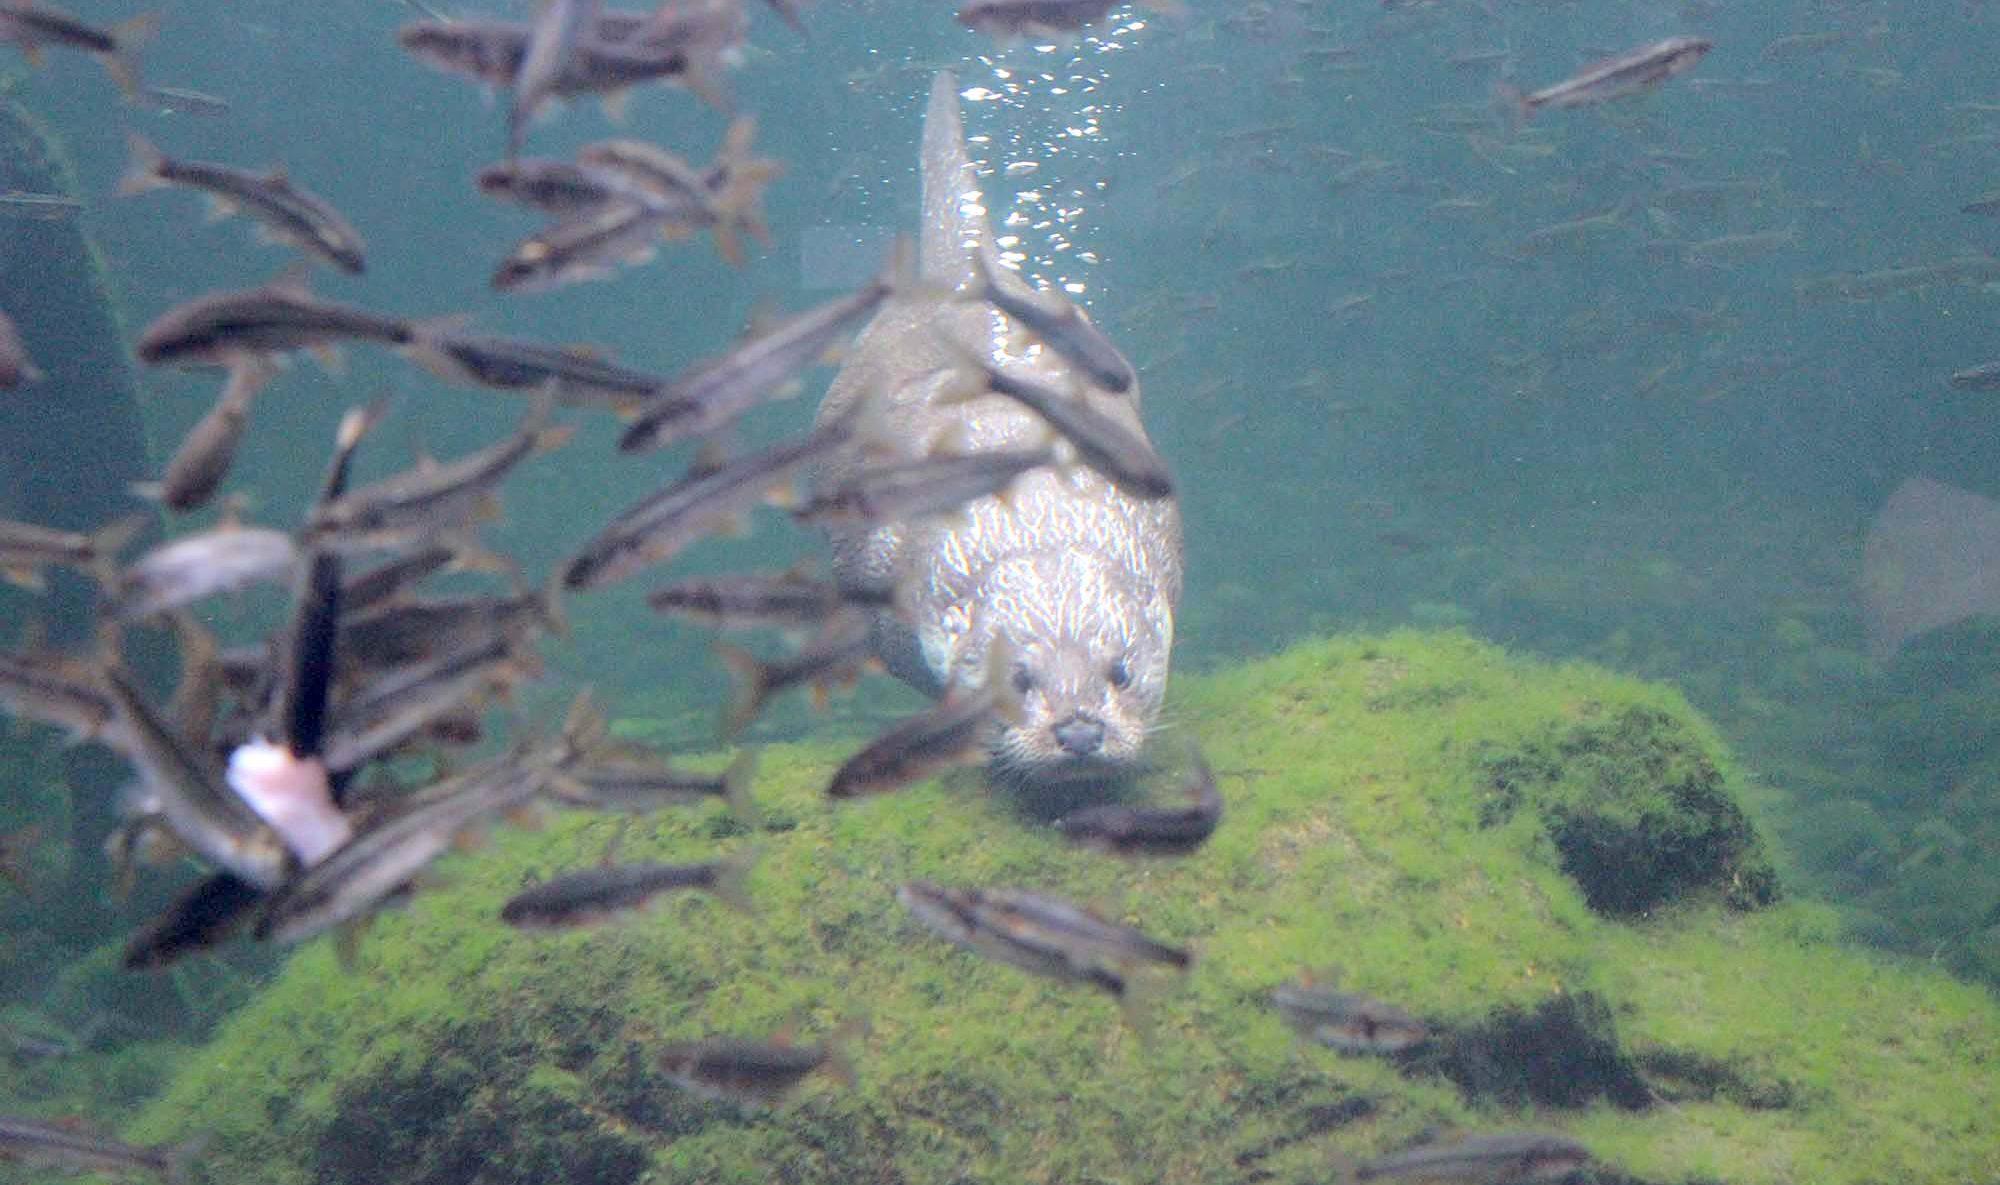 カワウソが遊ぶ自然に 思いをはせる水族館